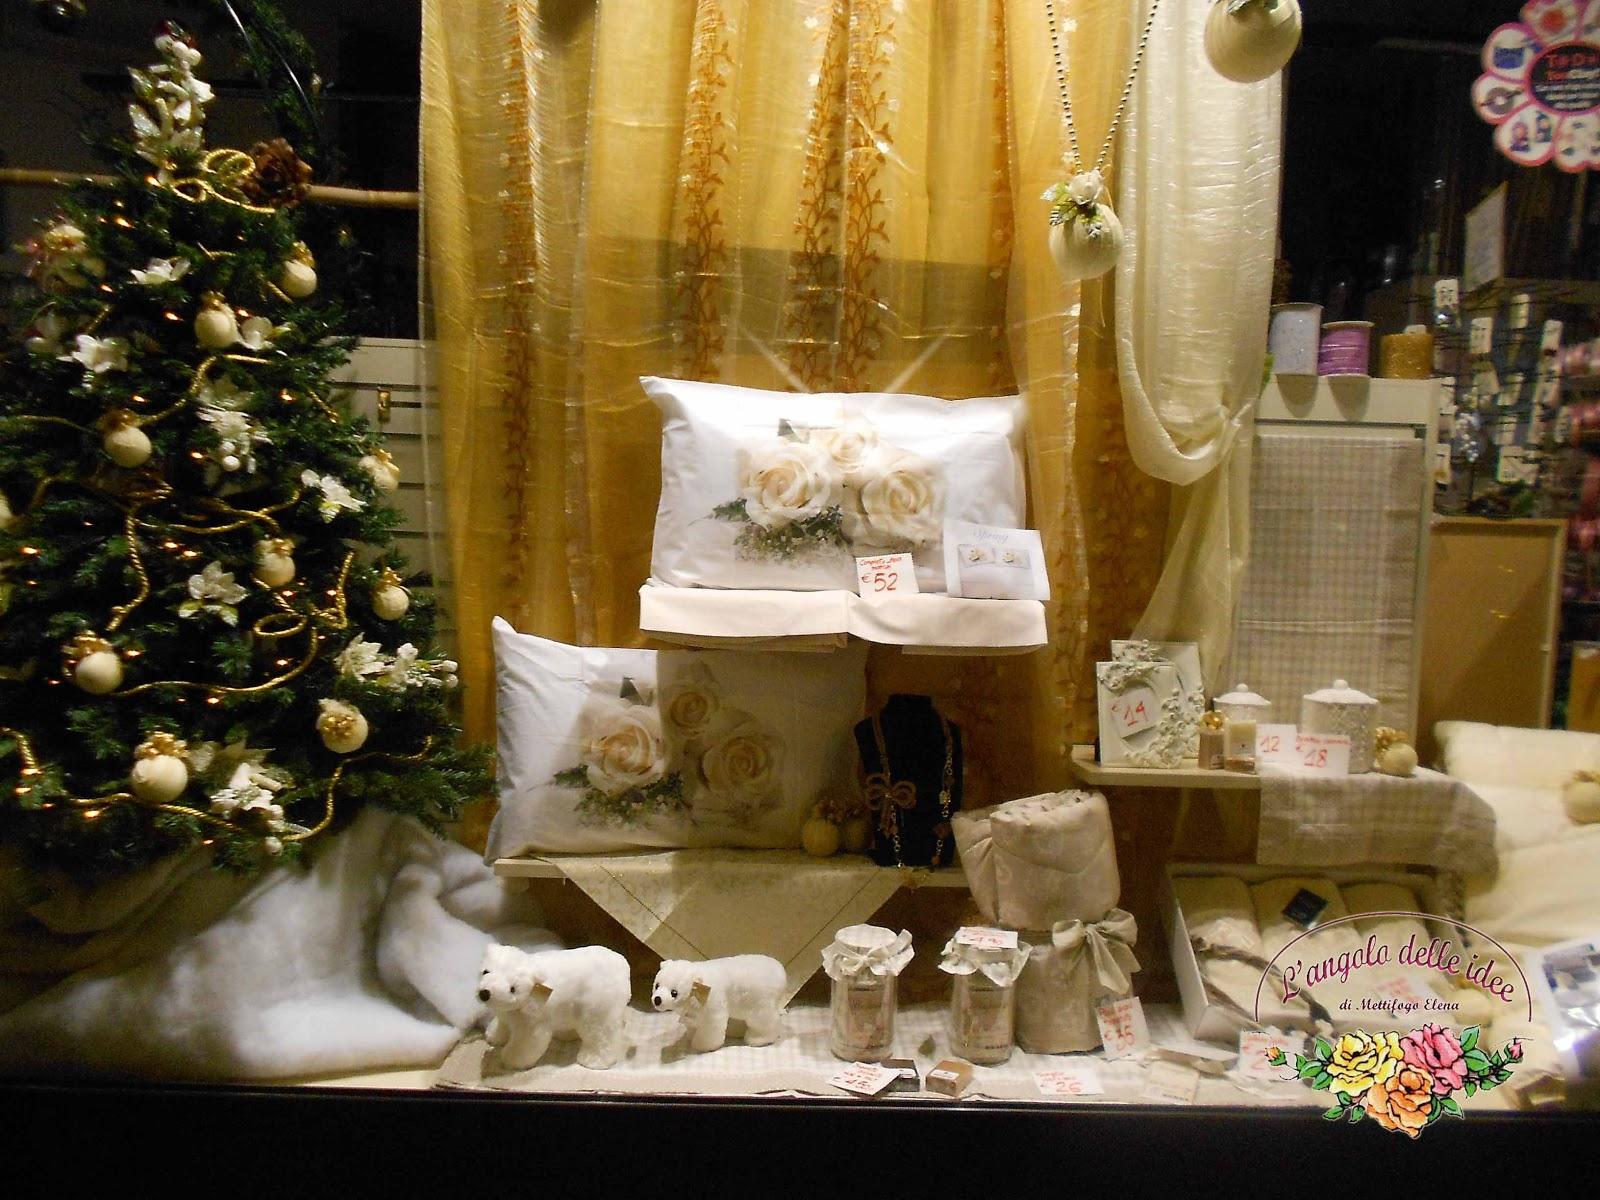 Vetrine Di Natale Originali.Vetrine Natale 2012